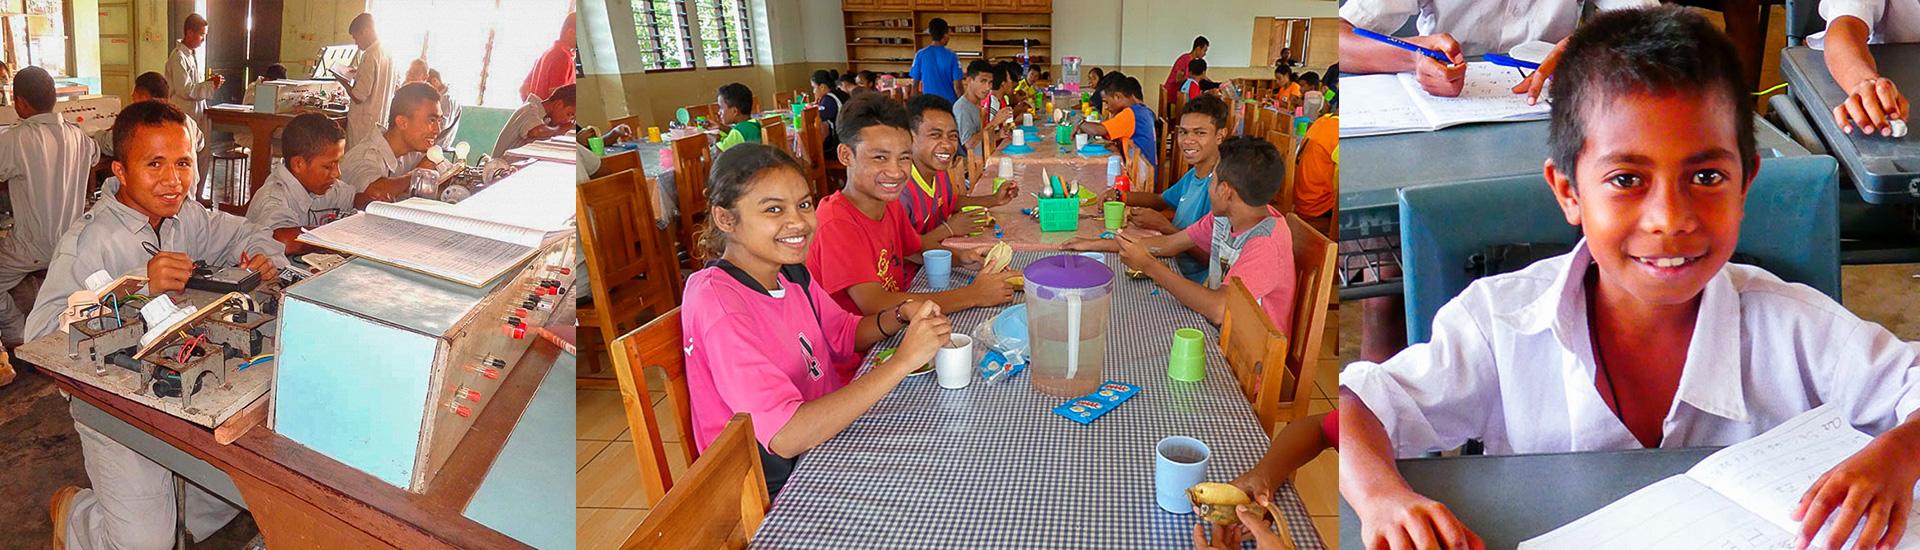 La educación salesiana en Timor Oriental: jóvenes bien formados y con trabajo